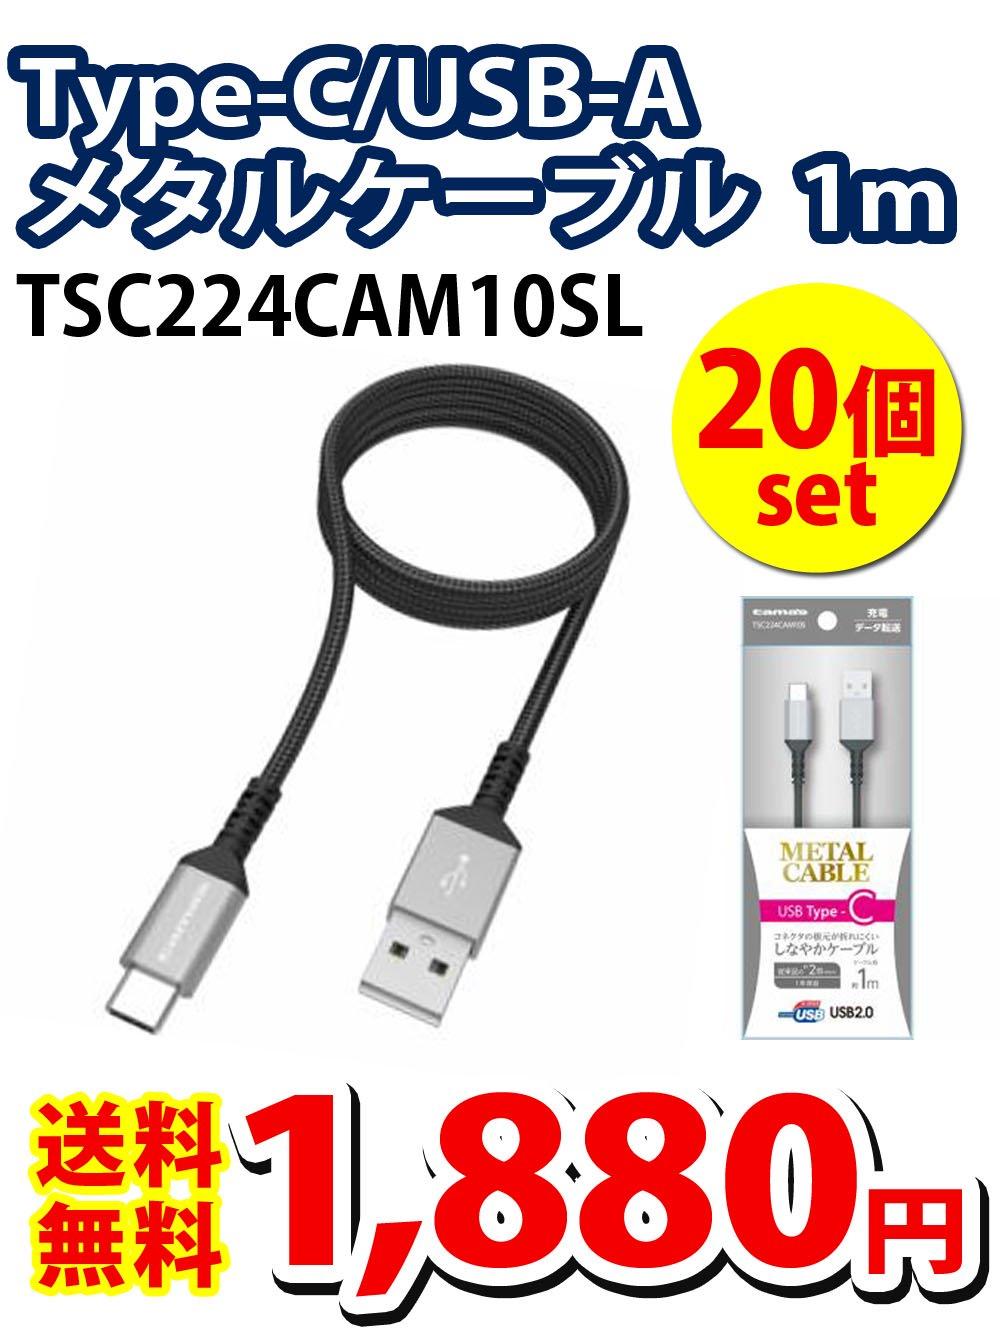 【送料無料】Type-C/USB-A メタルケーブル ロングブッシュ 1m TSC224CAM10S【20個セット】1880円